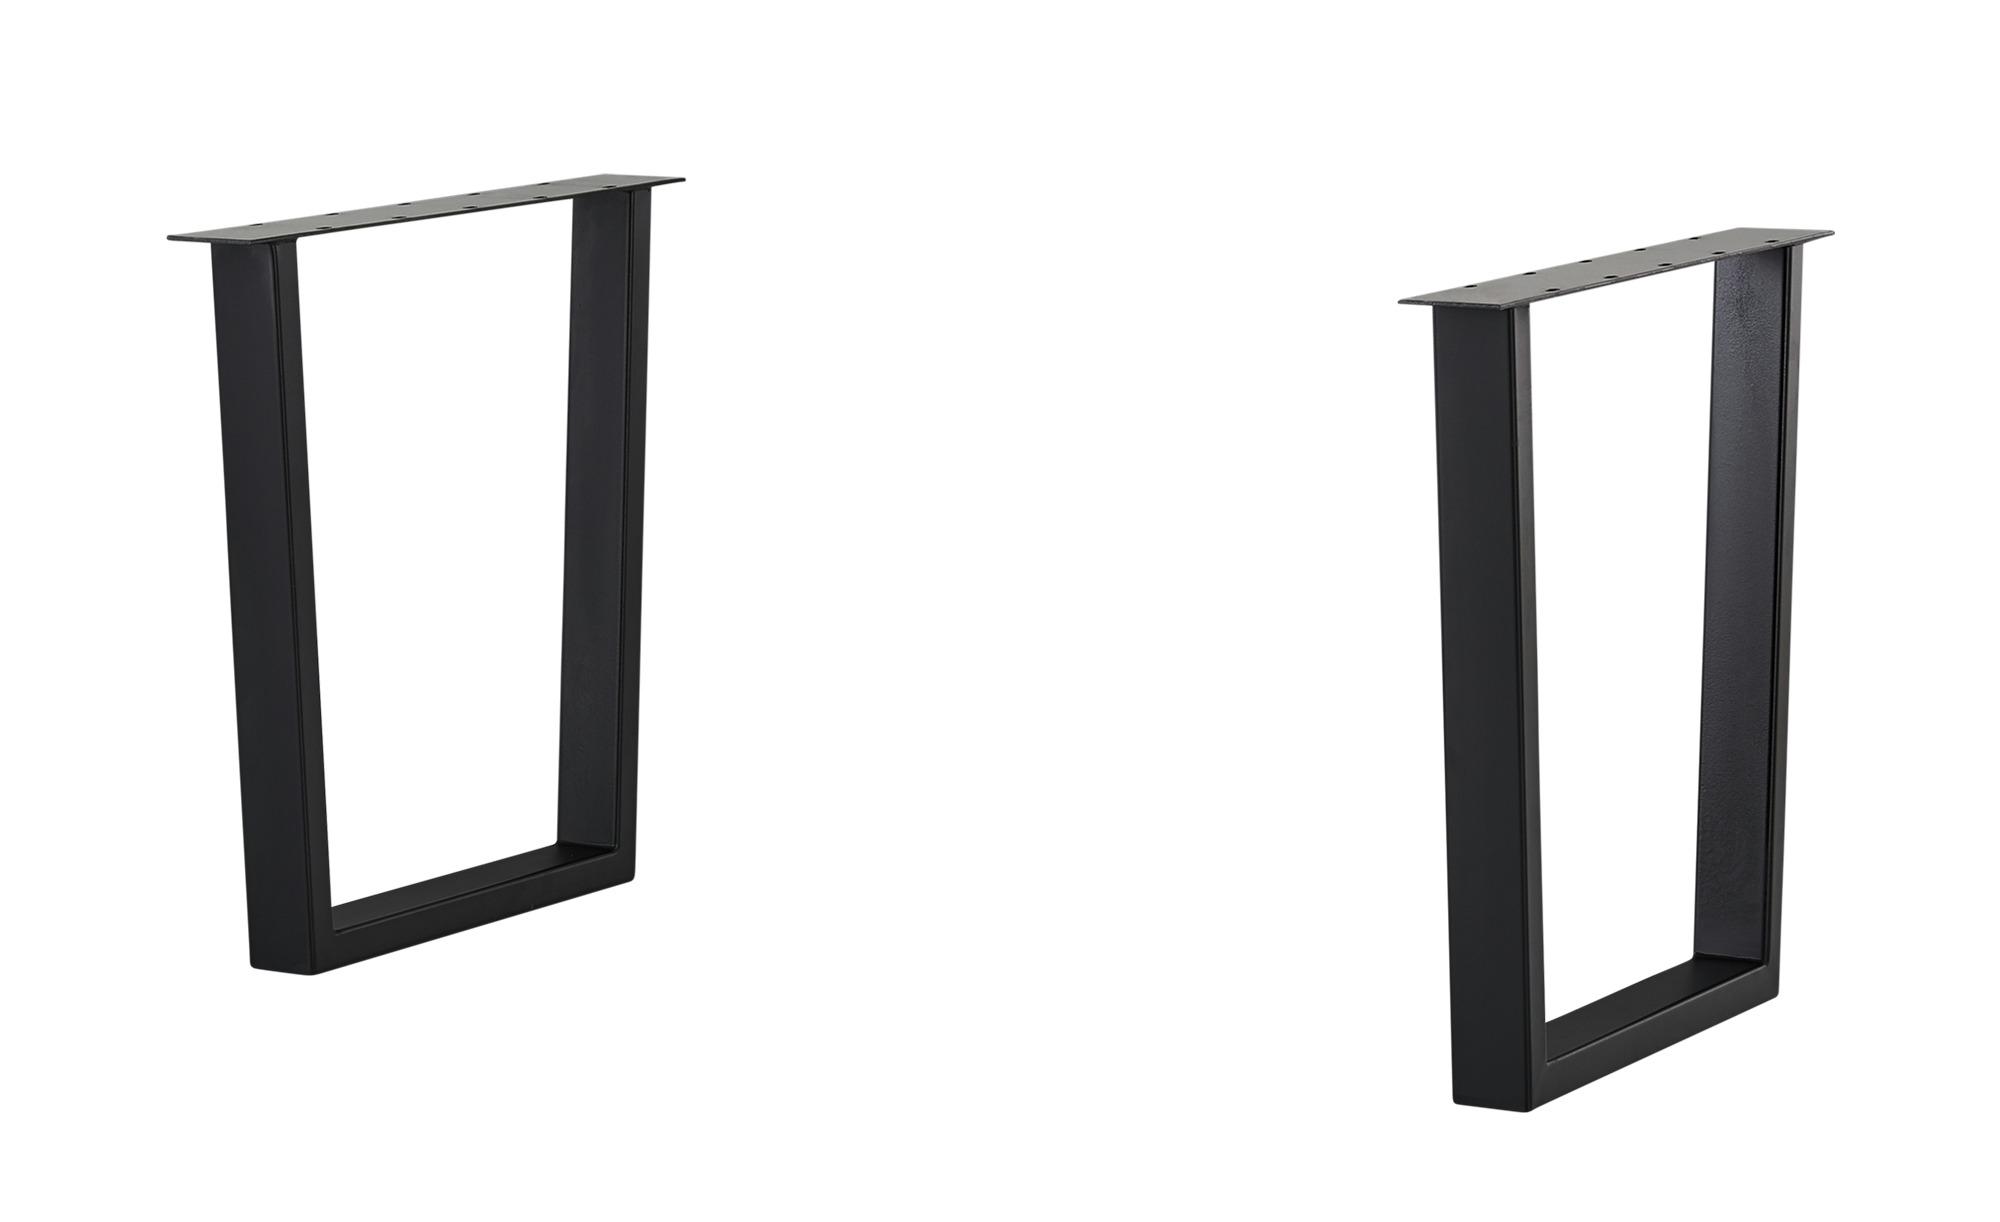 Tischgestell - schwarz - 74 cm - Tische > Tischbeine - Möbel Kraft   Wohnzimmer > Tische > Weitere Tische   Möbel Kraft